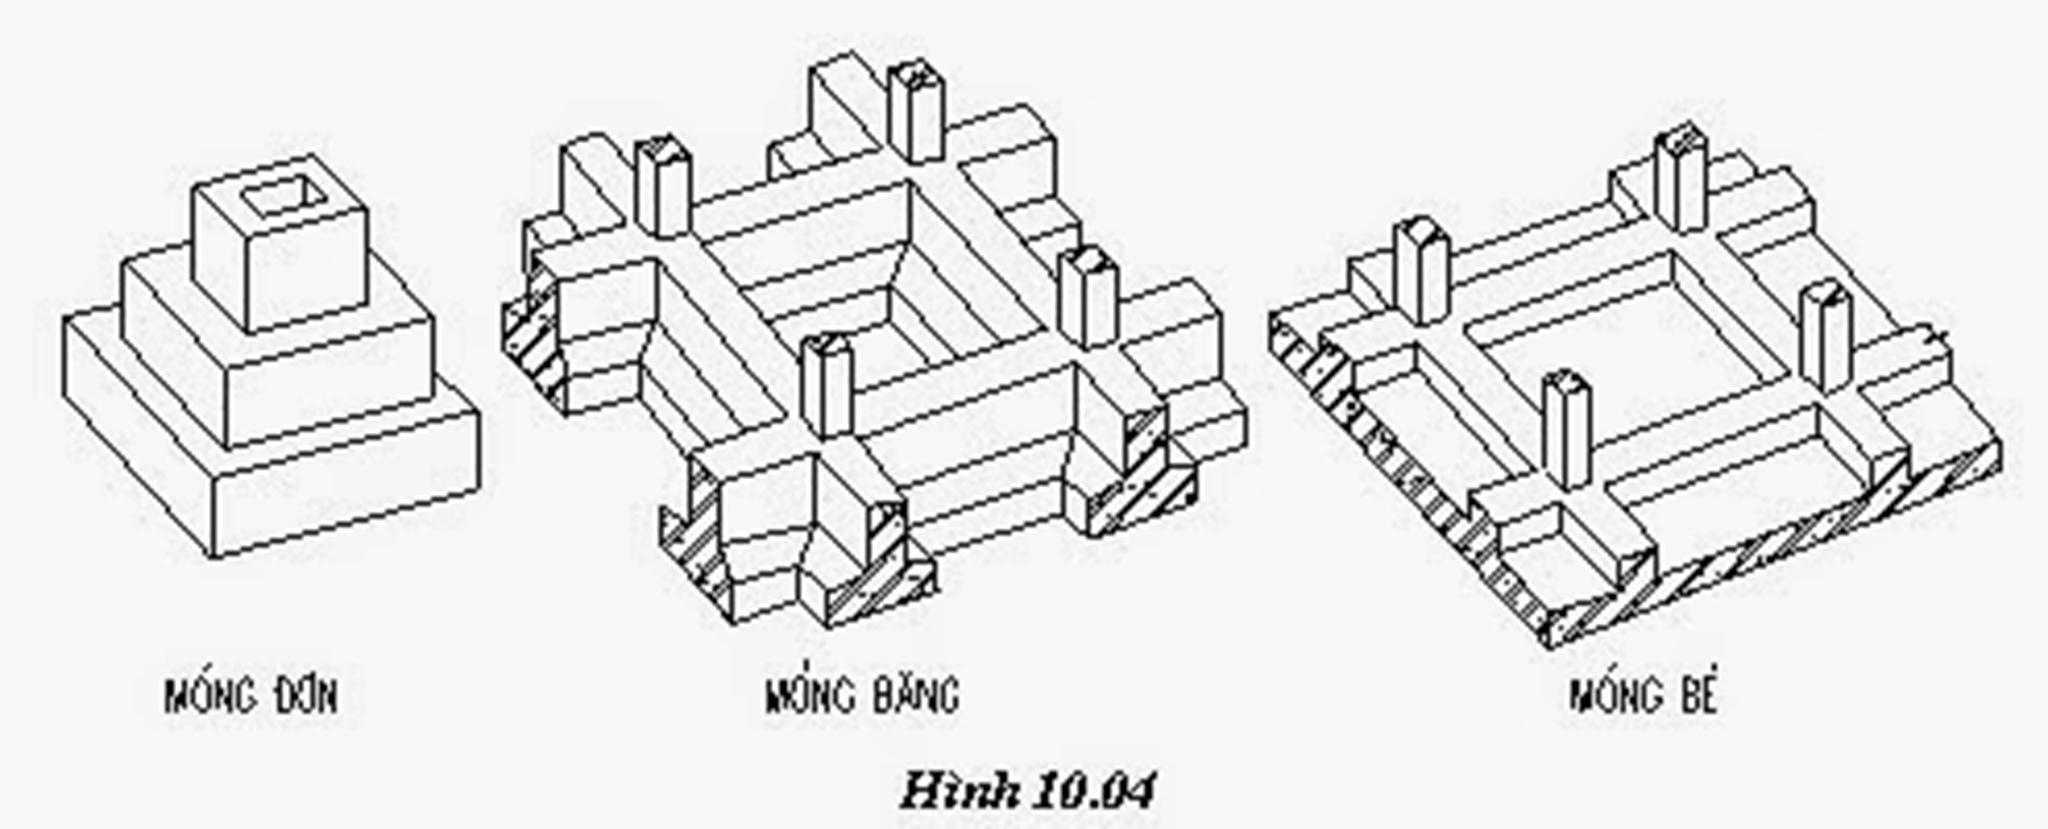 hinh1004 (Copy)